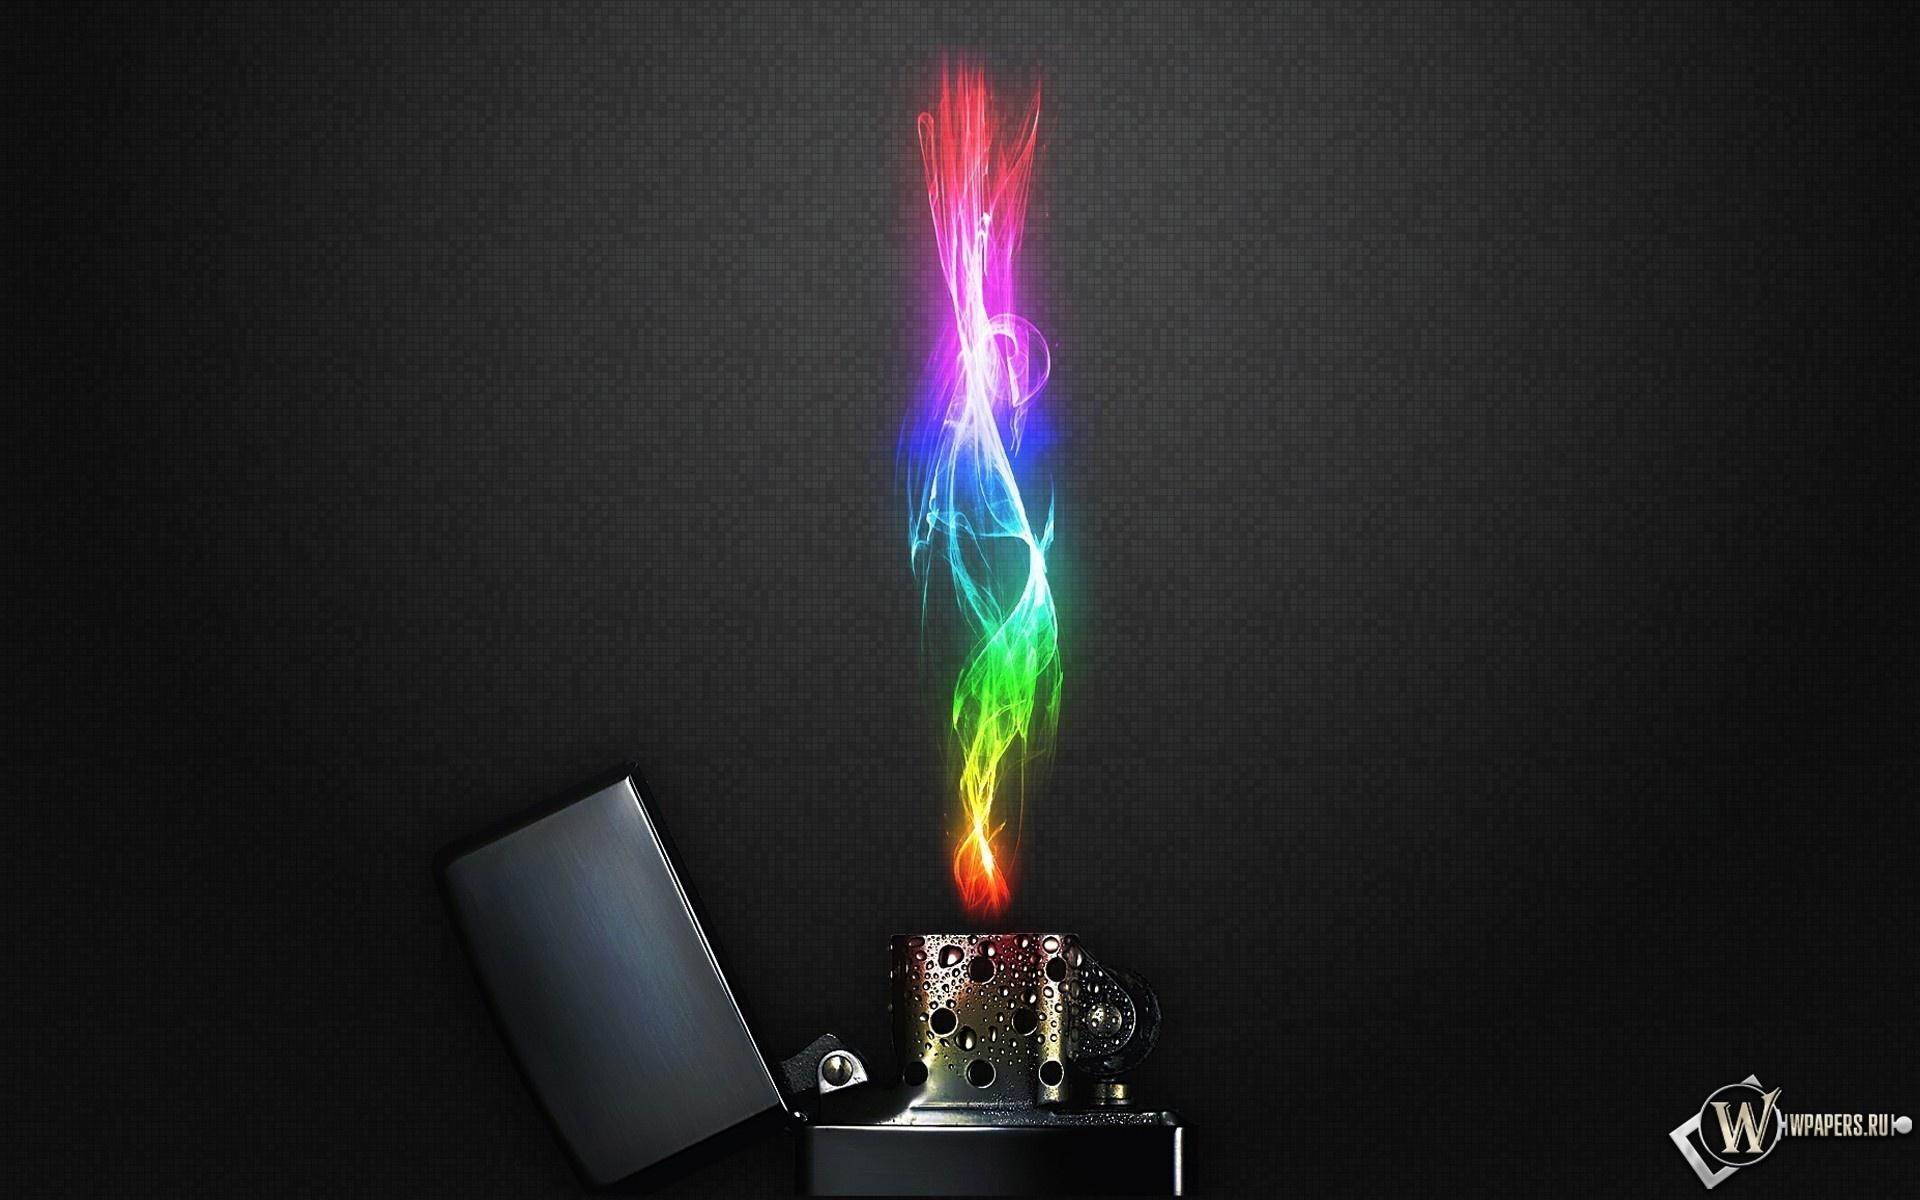 Зажигалка с радужным пламенем 1920x1200